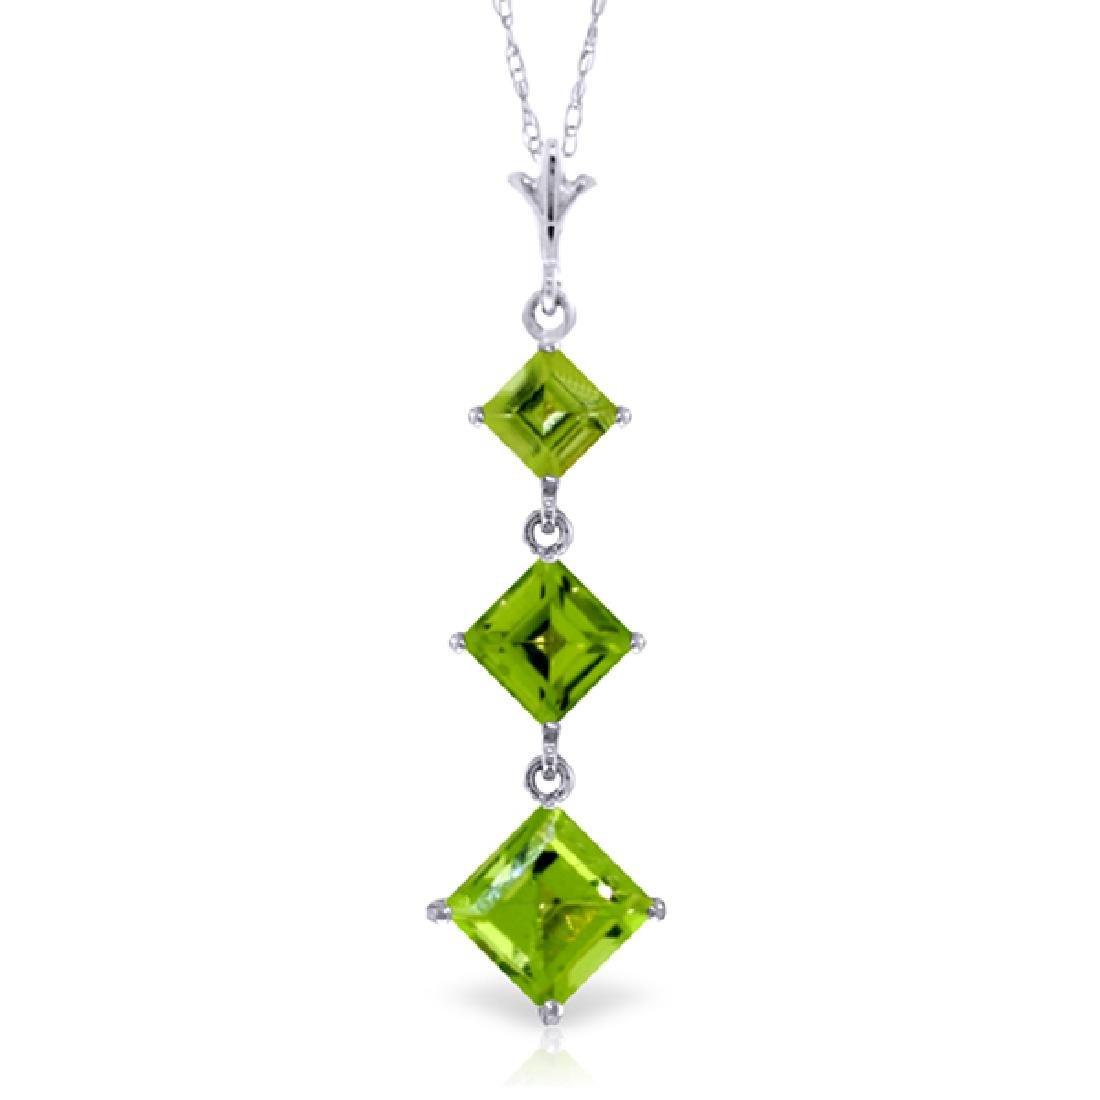 Genuine 2.4 ctw Peridot Necklace Jewelry 14KT White